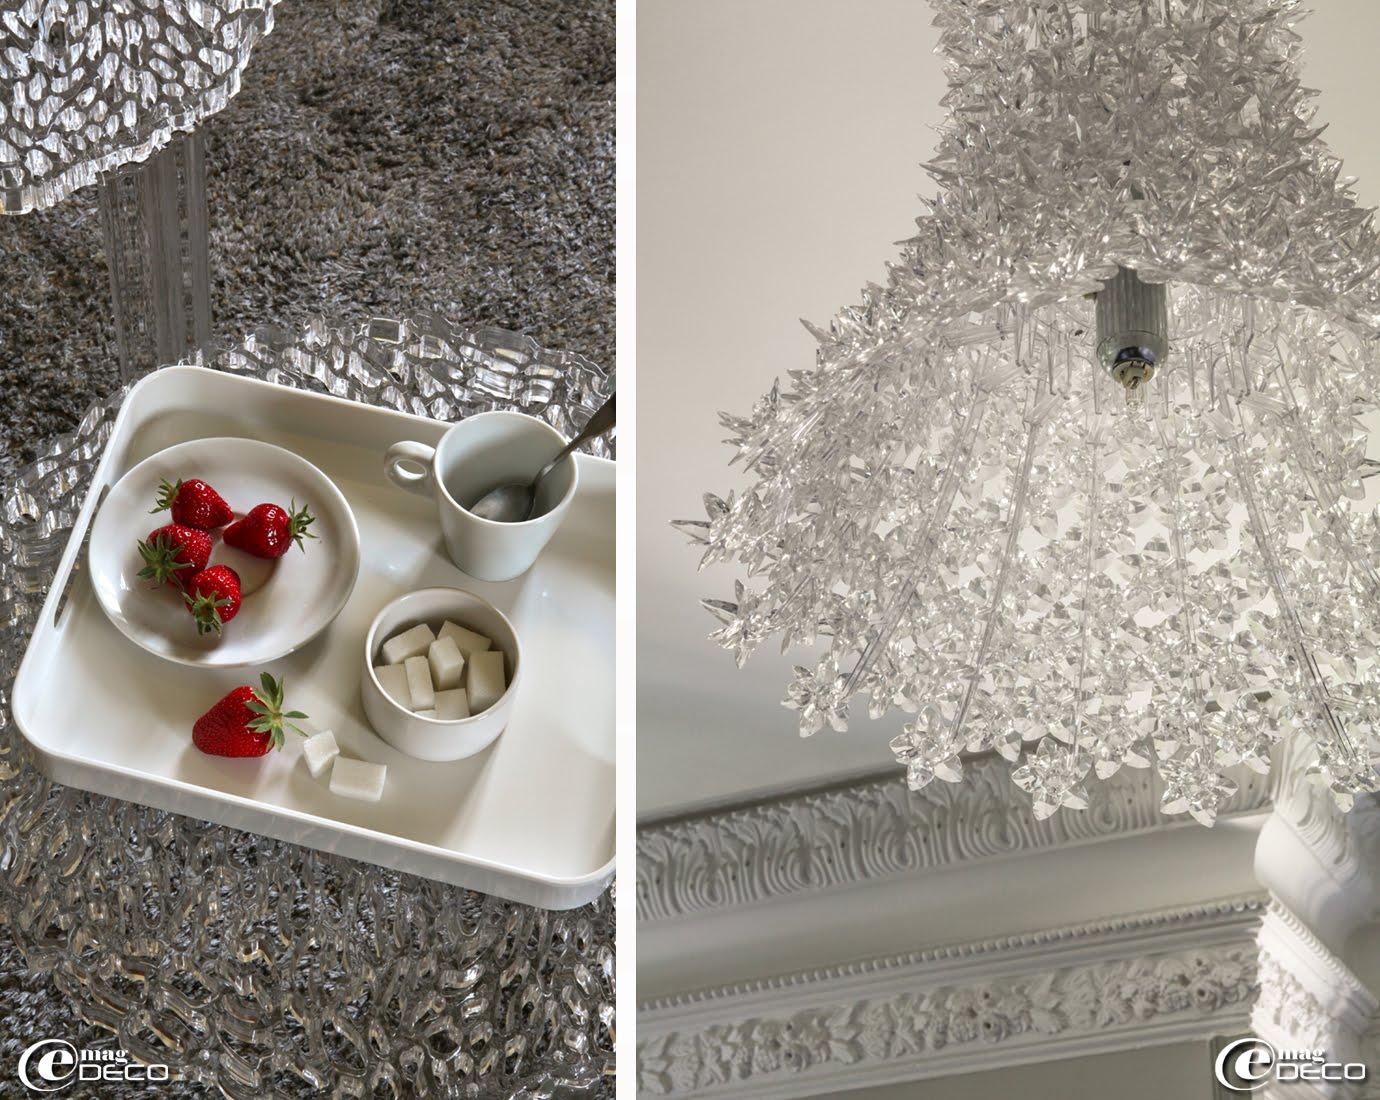 Plateau 'zak!designs', table basse 'T–Table' de Patricia Urquiola et lustre 'Bloom' de Ferruccio Laviani chez 'Kartell'